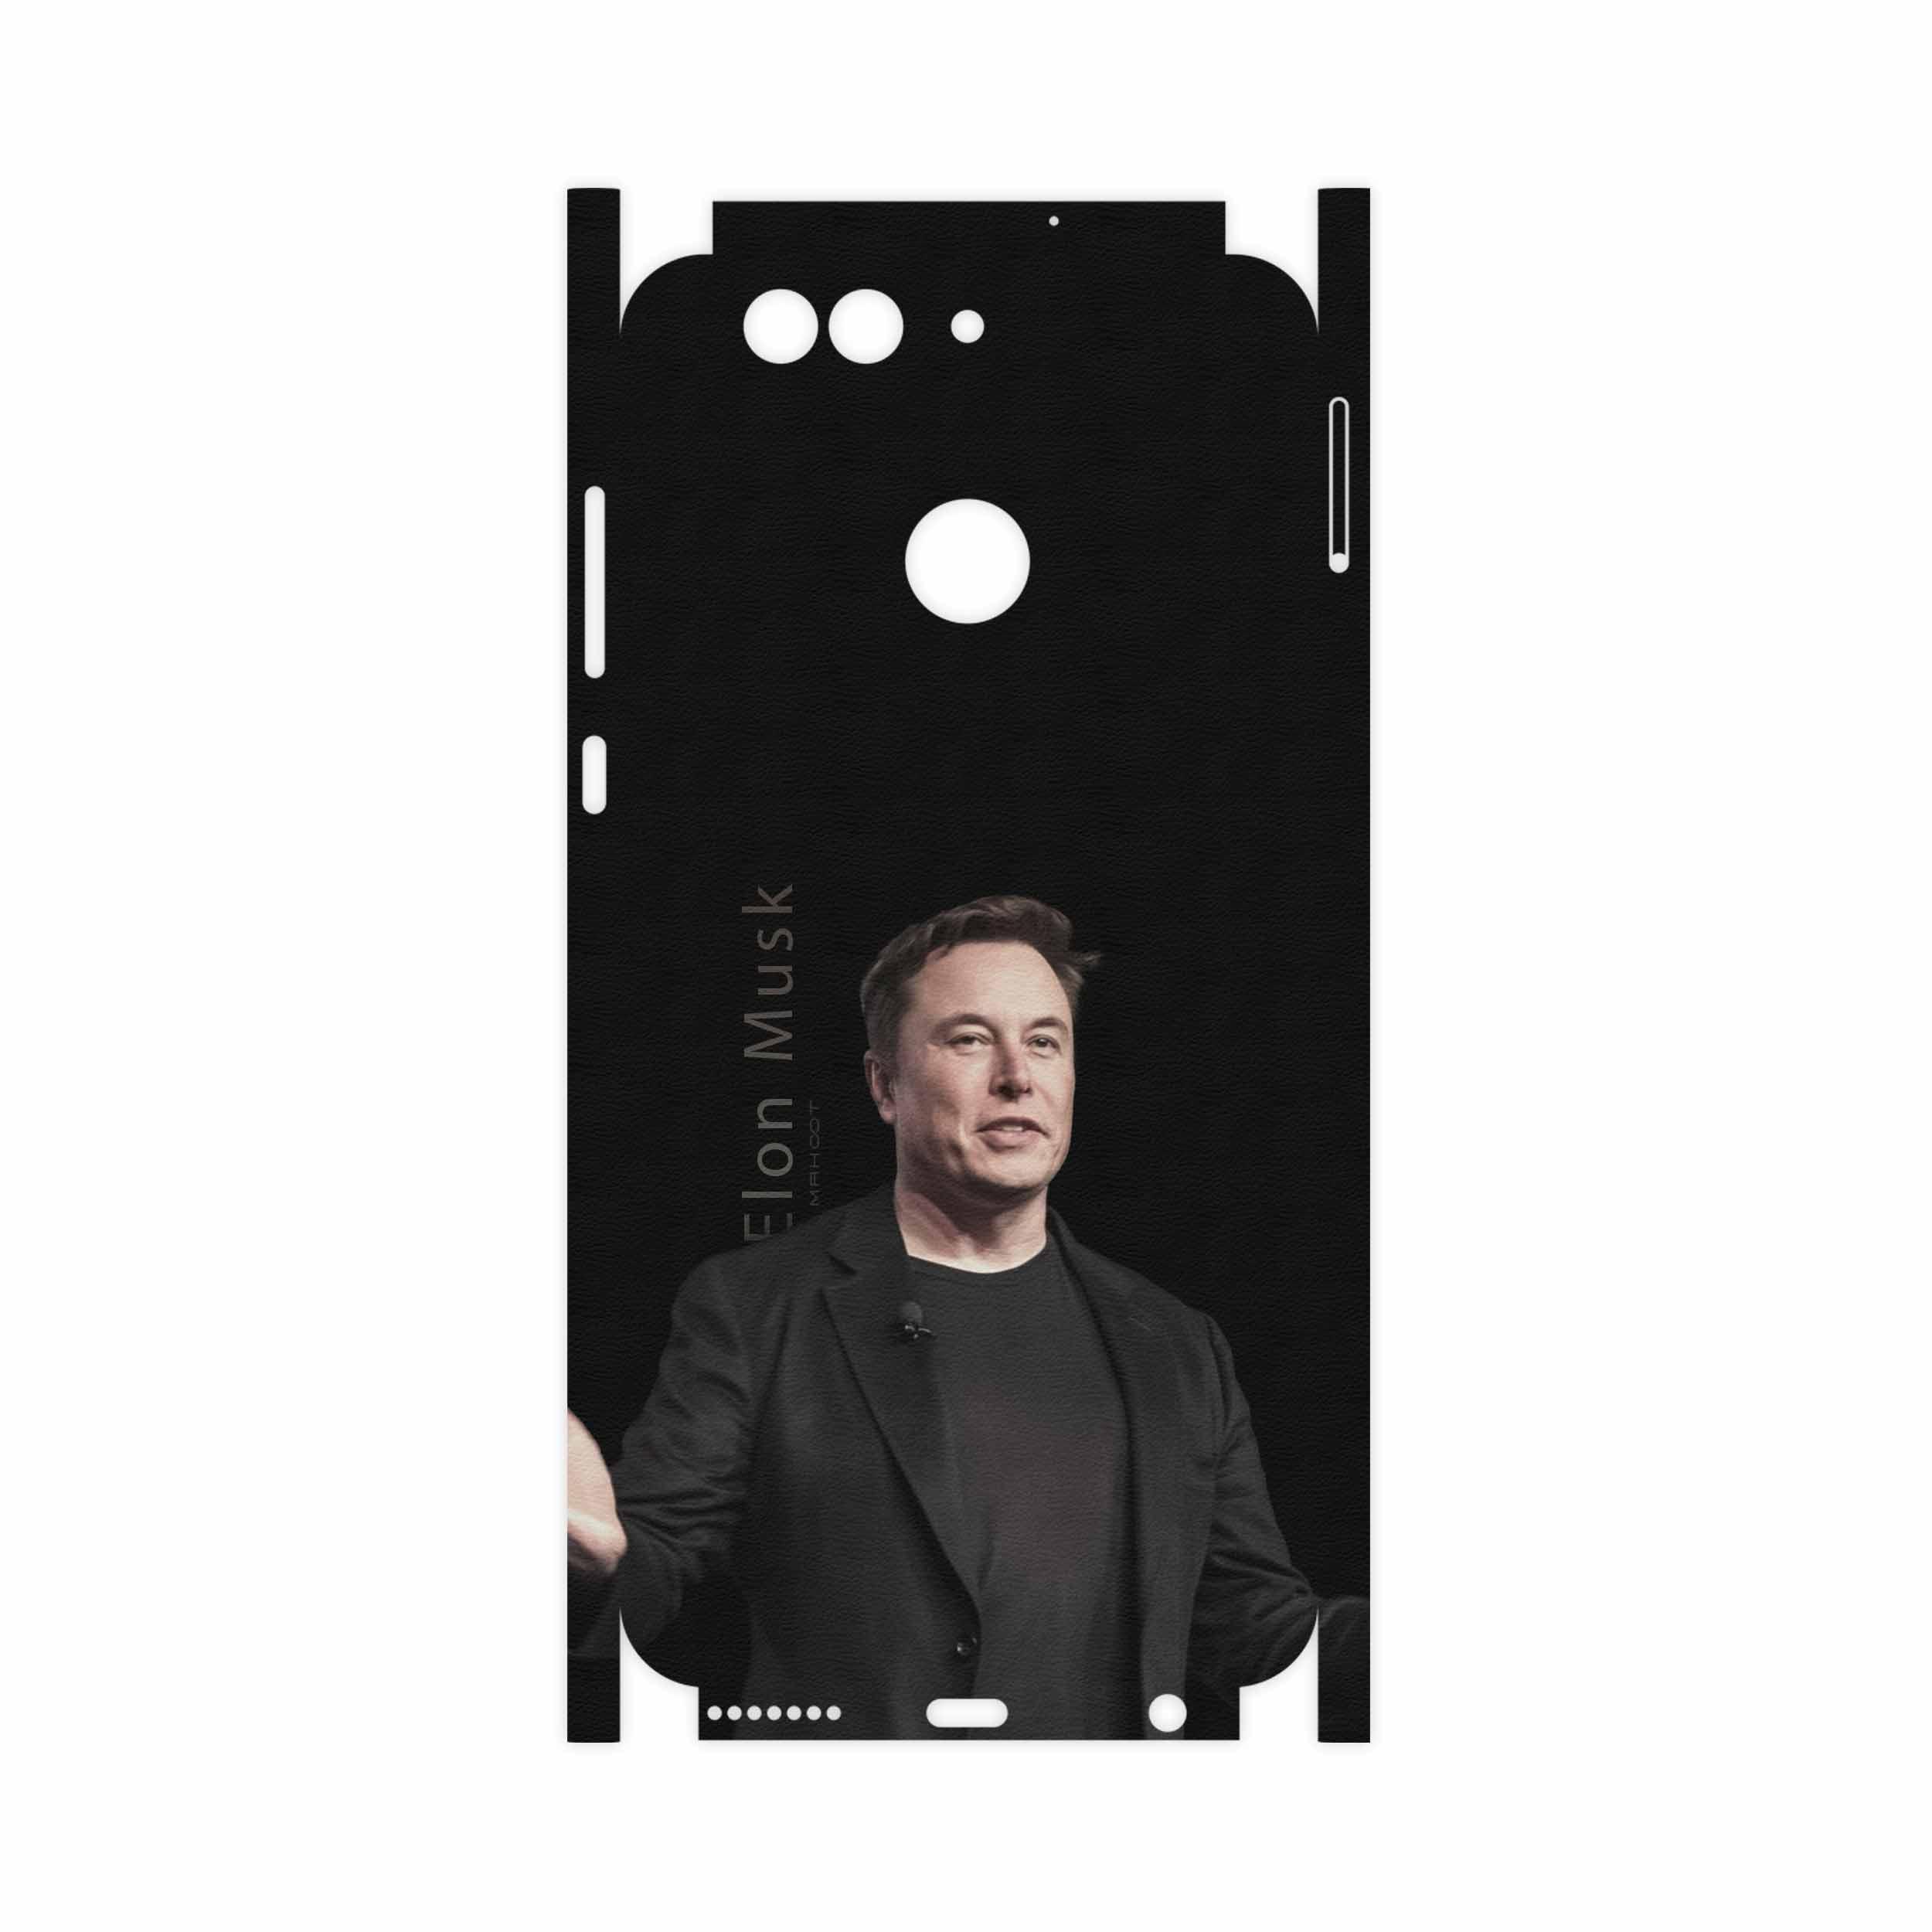 برچسب پوششی ماهوت مدل Elon Musk-FullSkin مناسب برای گوشی موبایل هوآوی Nova 2 Plus